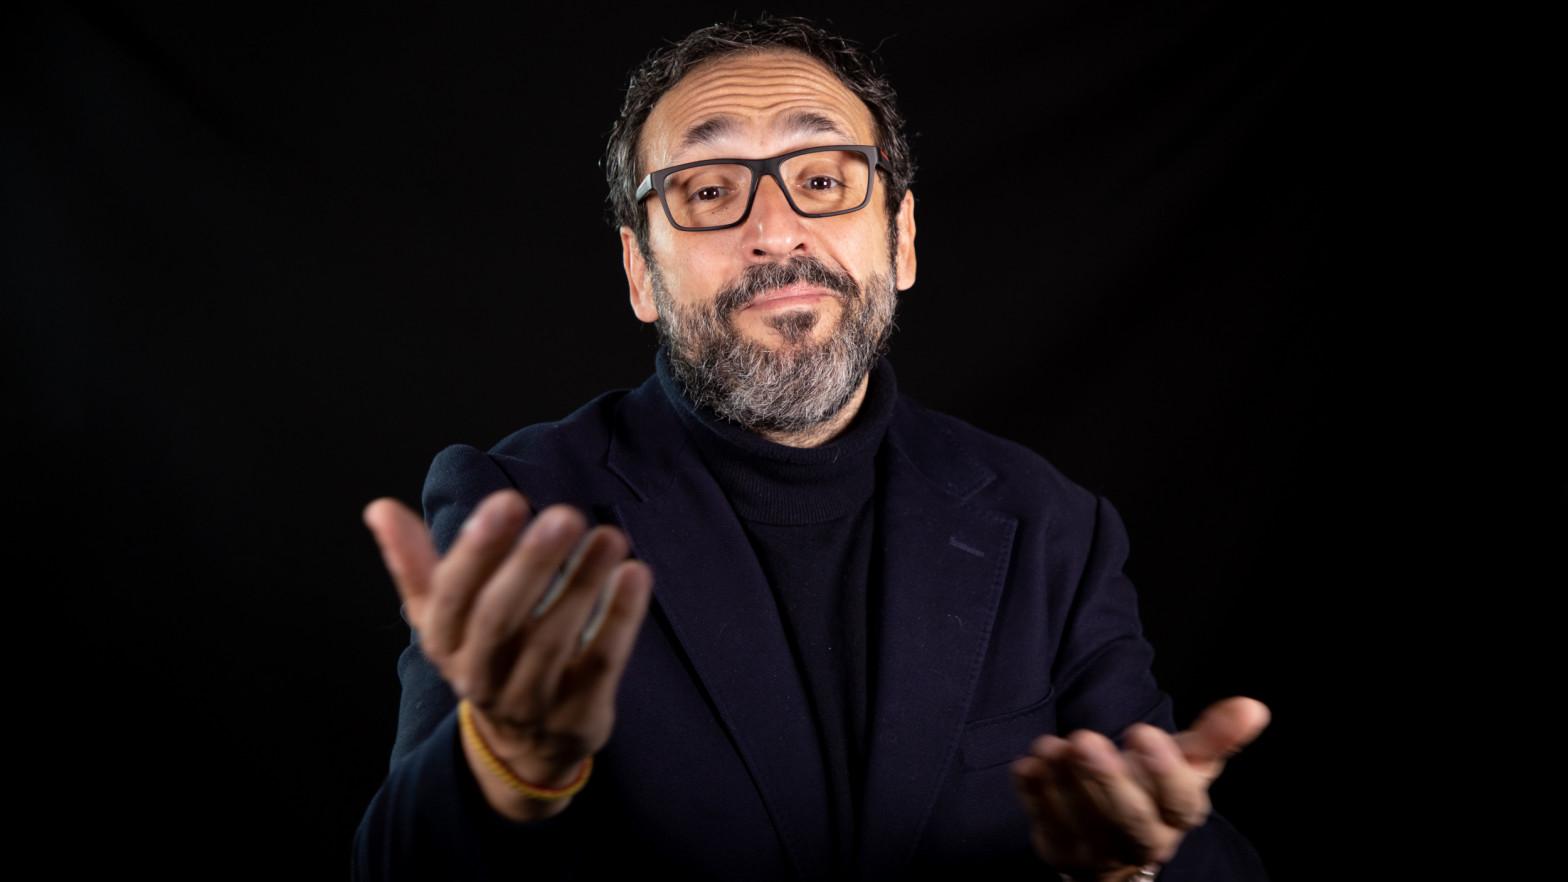 """José Manuel Zapata: """"Ningún instrumento emociona como la voz humana"""""""